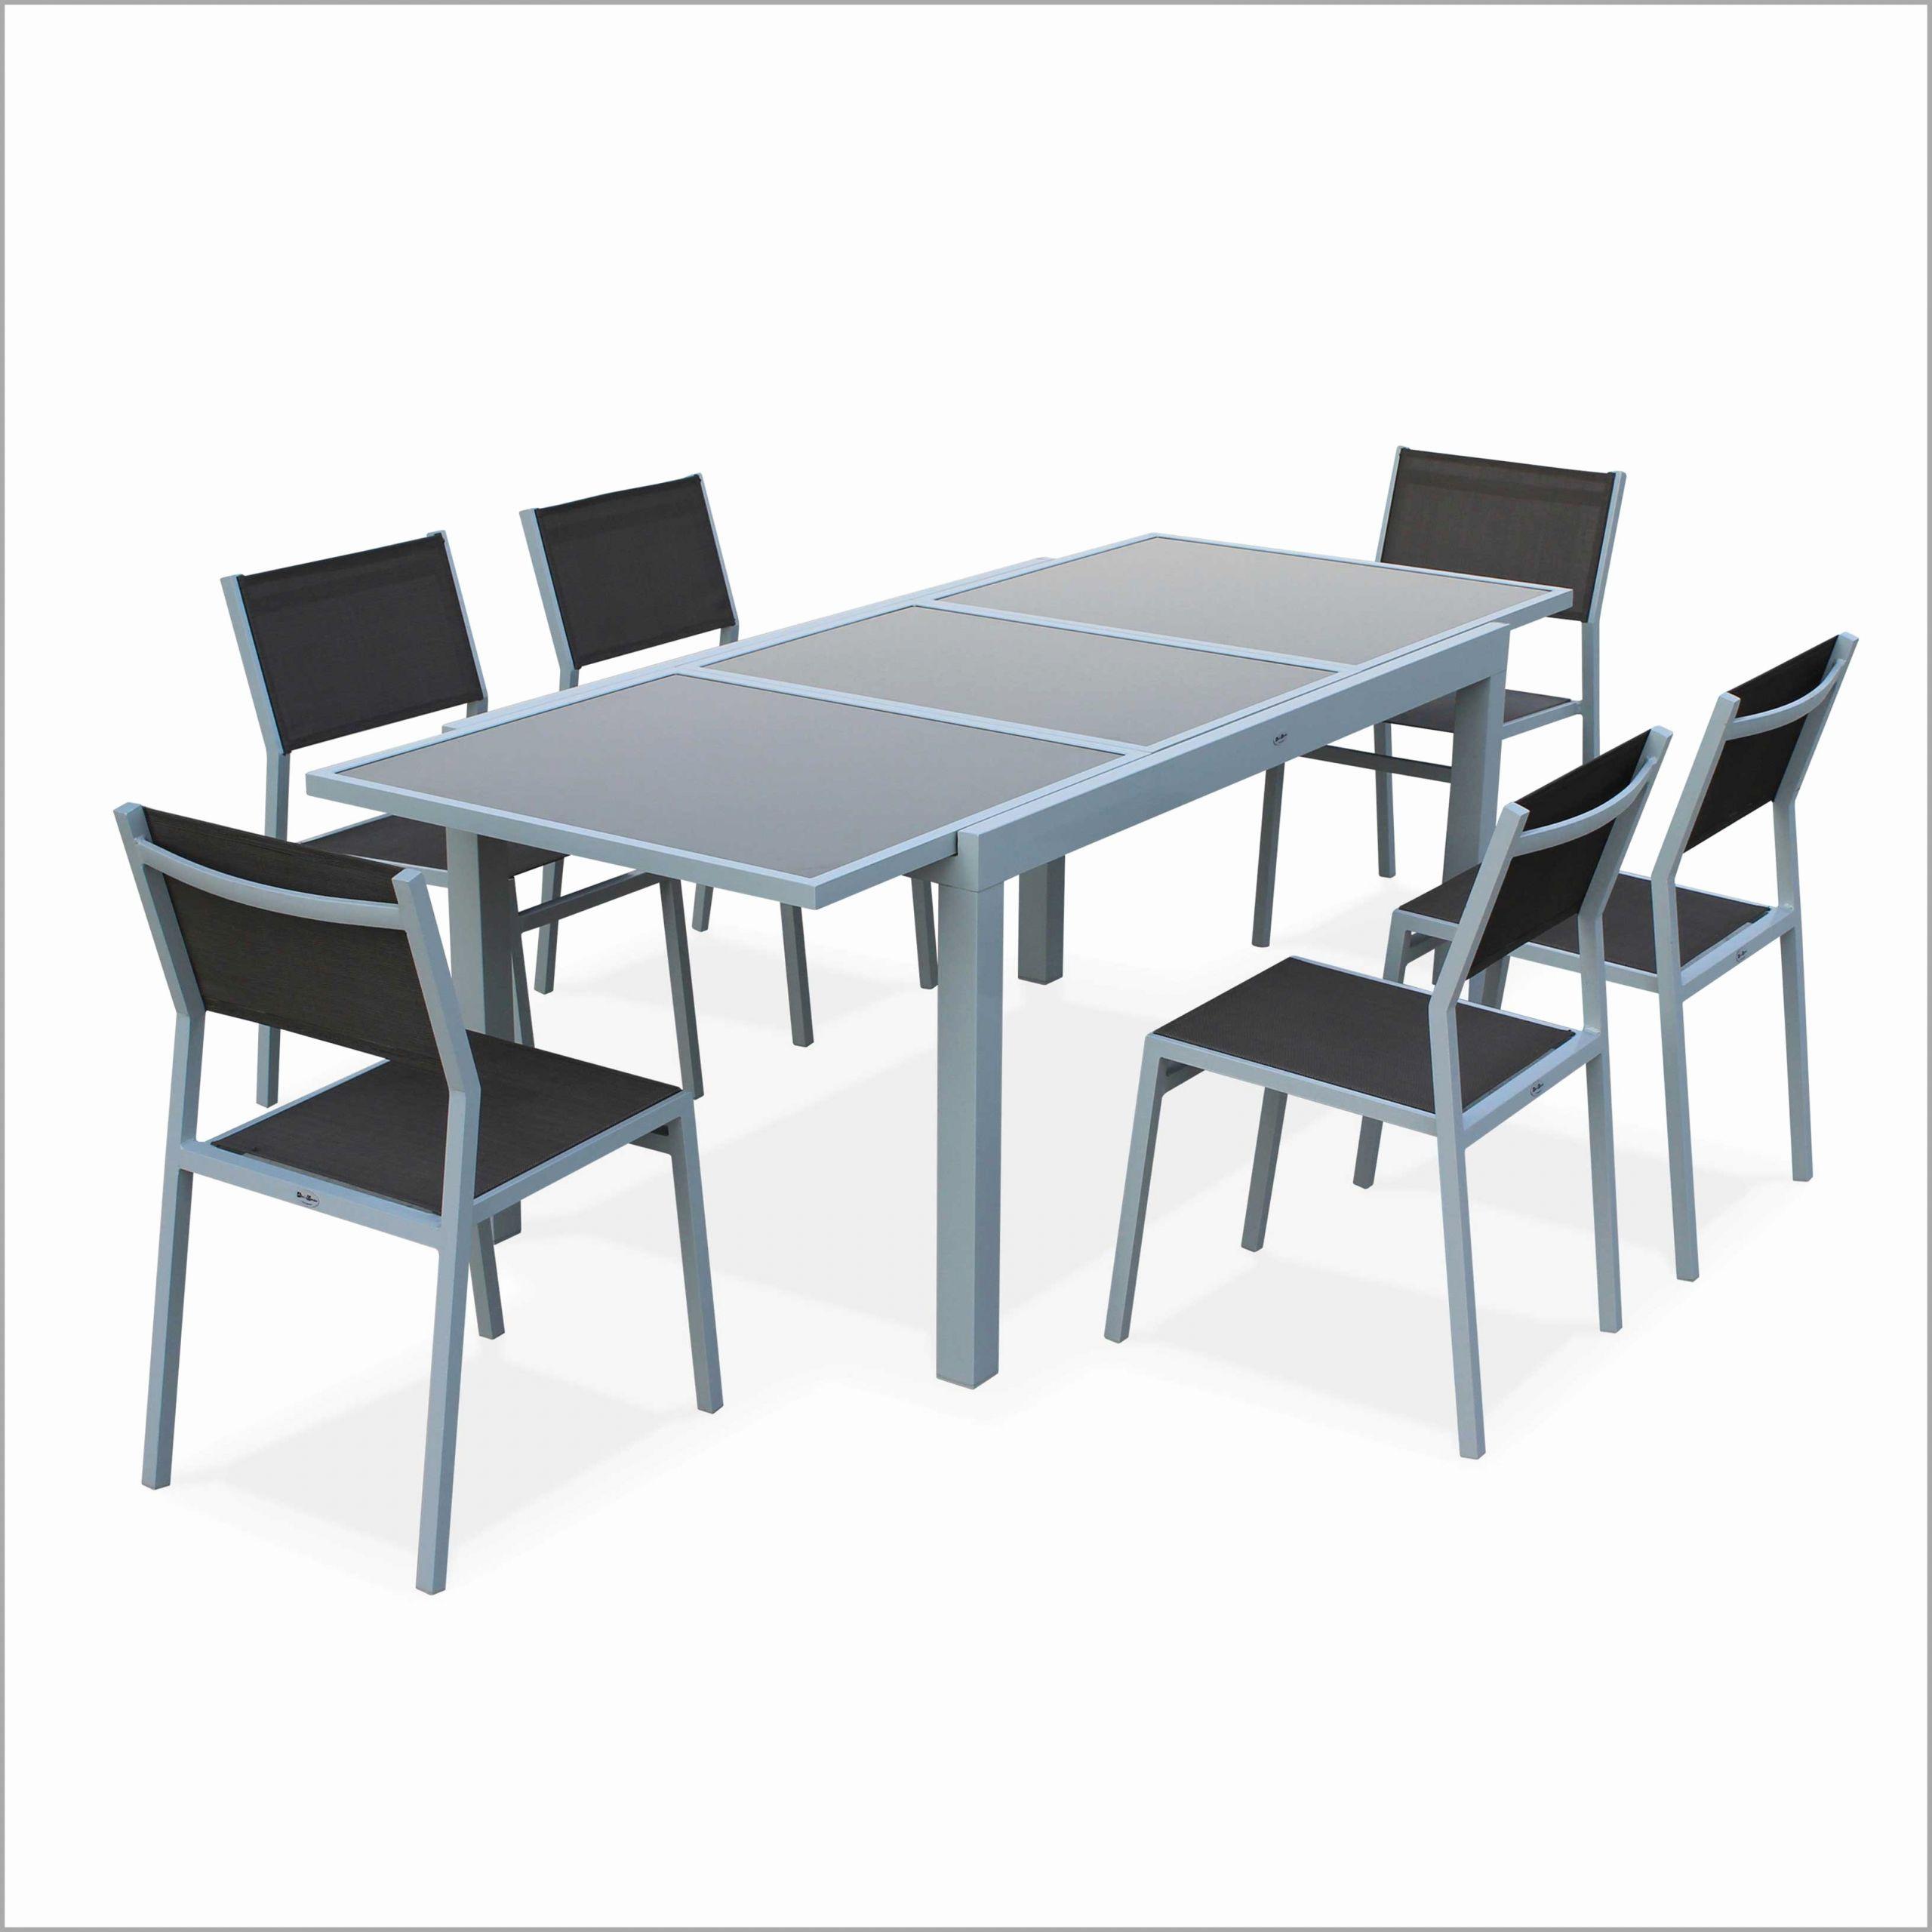 bordure de jardin i bordures castorama aussi destine a chaise longue chaise jardin i unique table de pliante